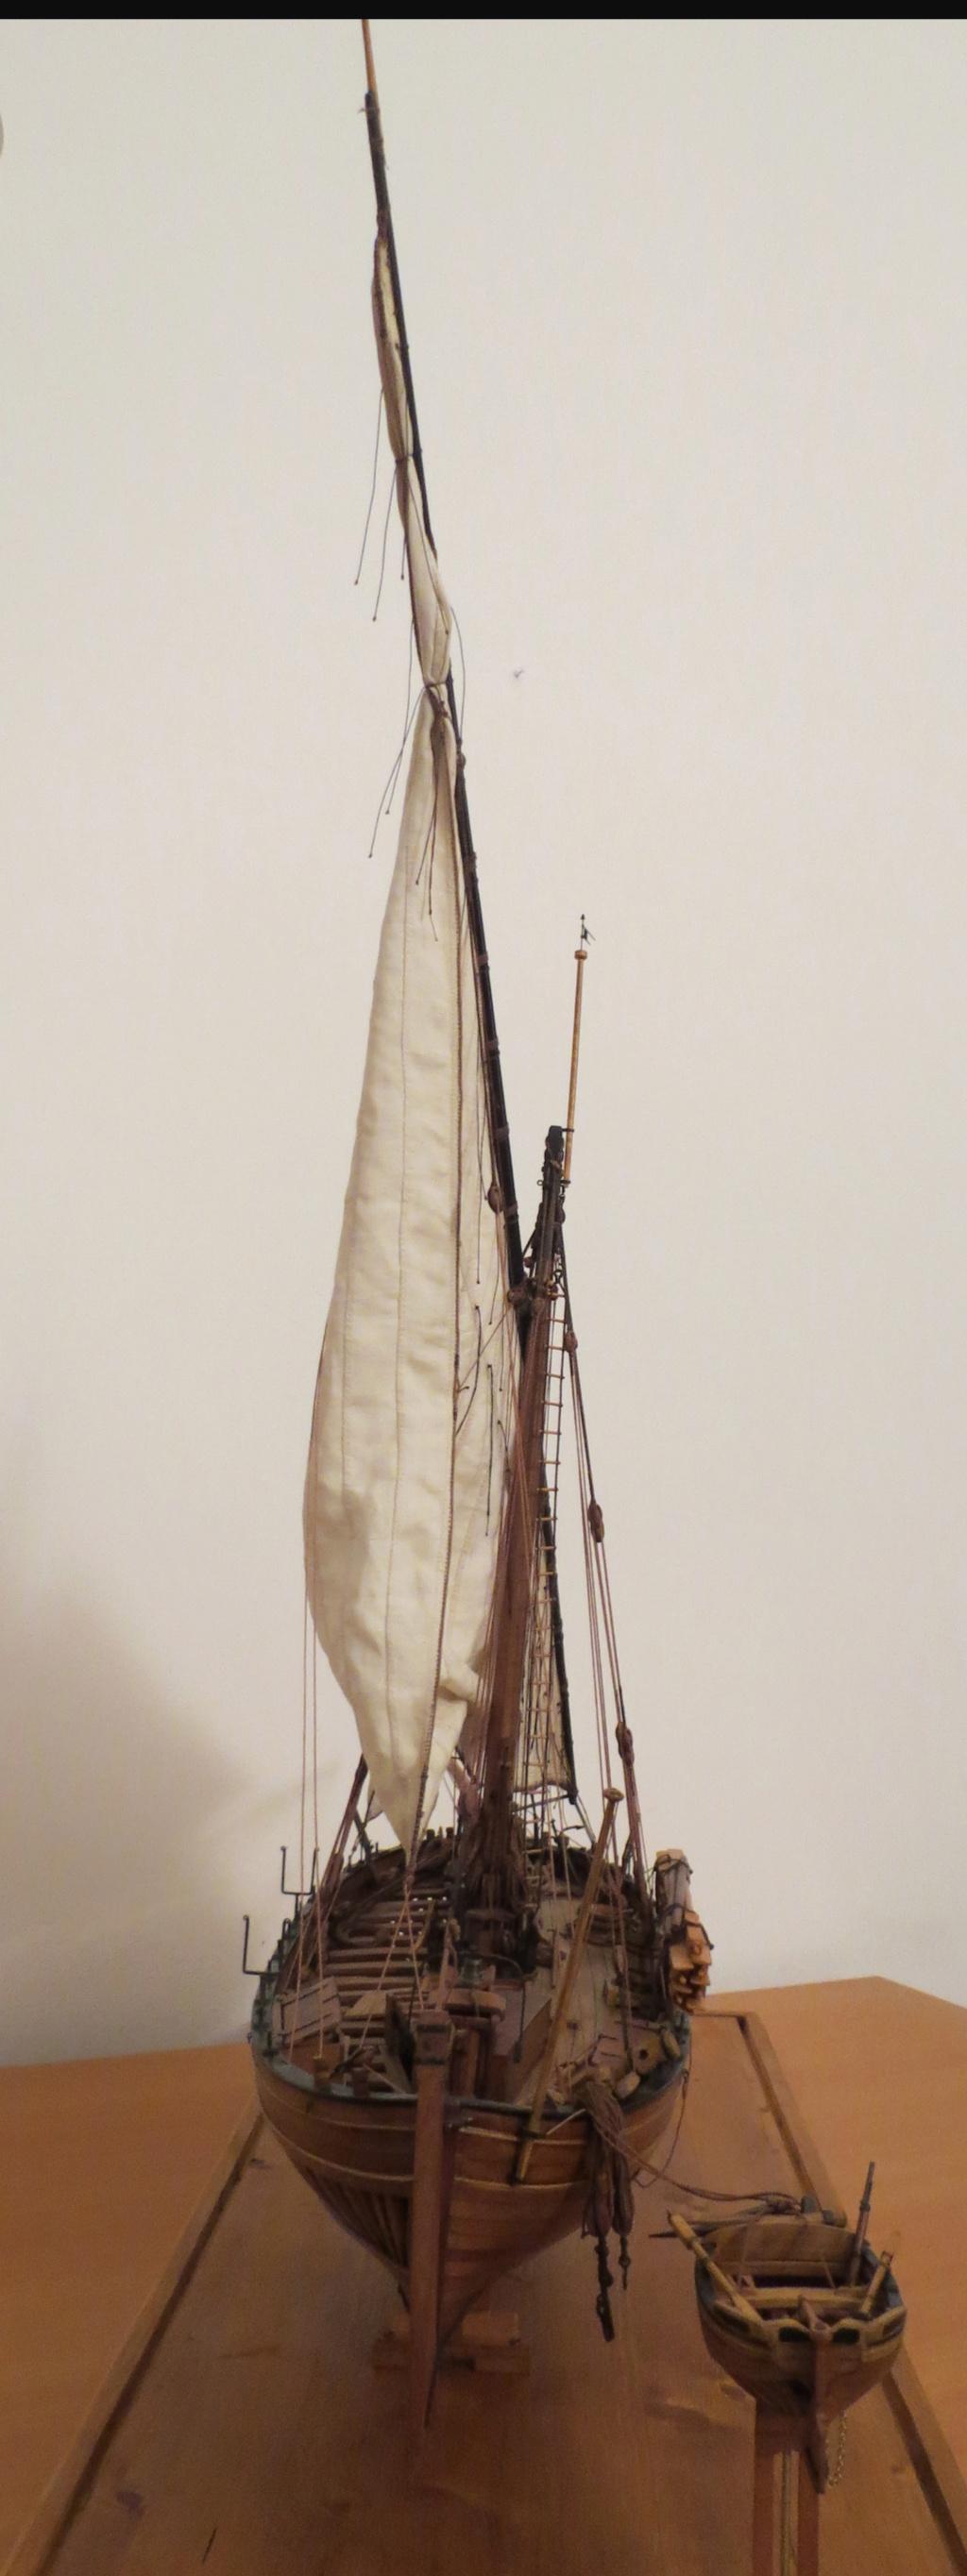 Corallina (paranzella) armata in guerra (pezzo in ferro da 18 libbre) - Marina Napoletana (flottiglia) 1811 - scala 1:24 - di Riccardo Mattera - Pagina 10 Img_4526